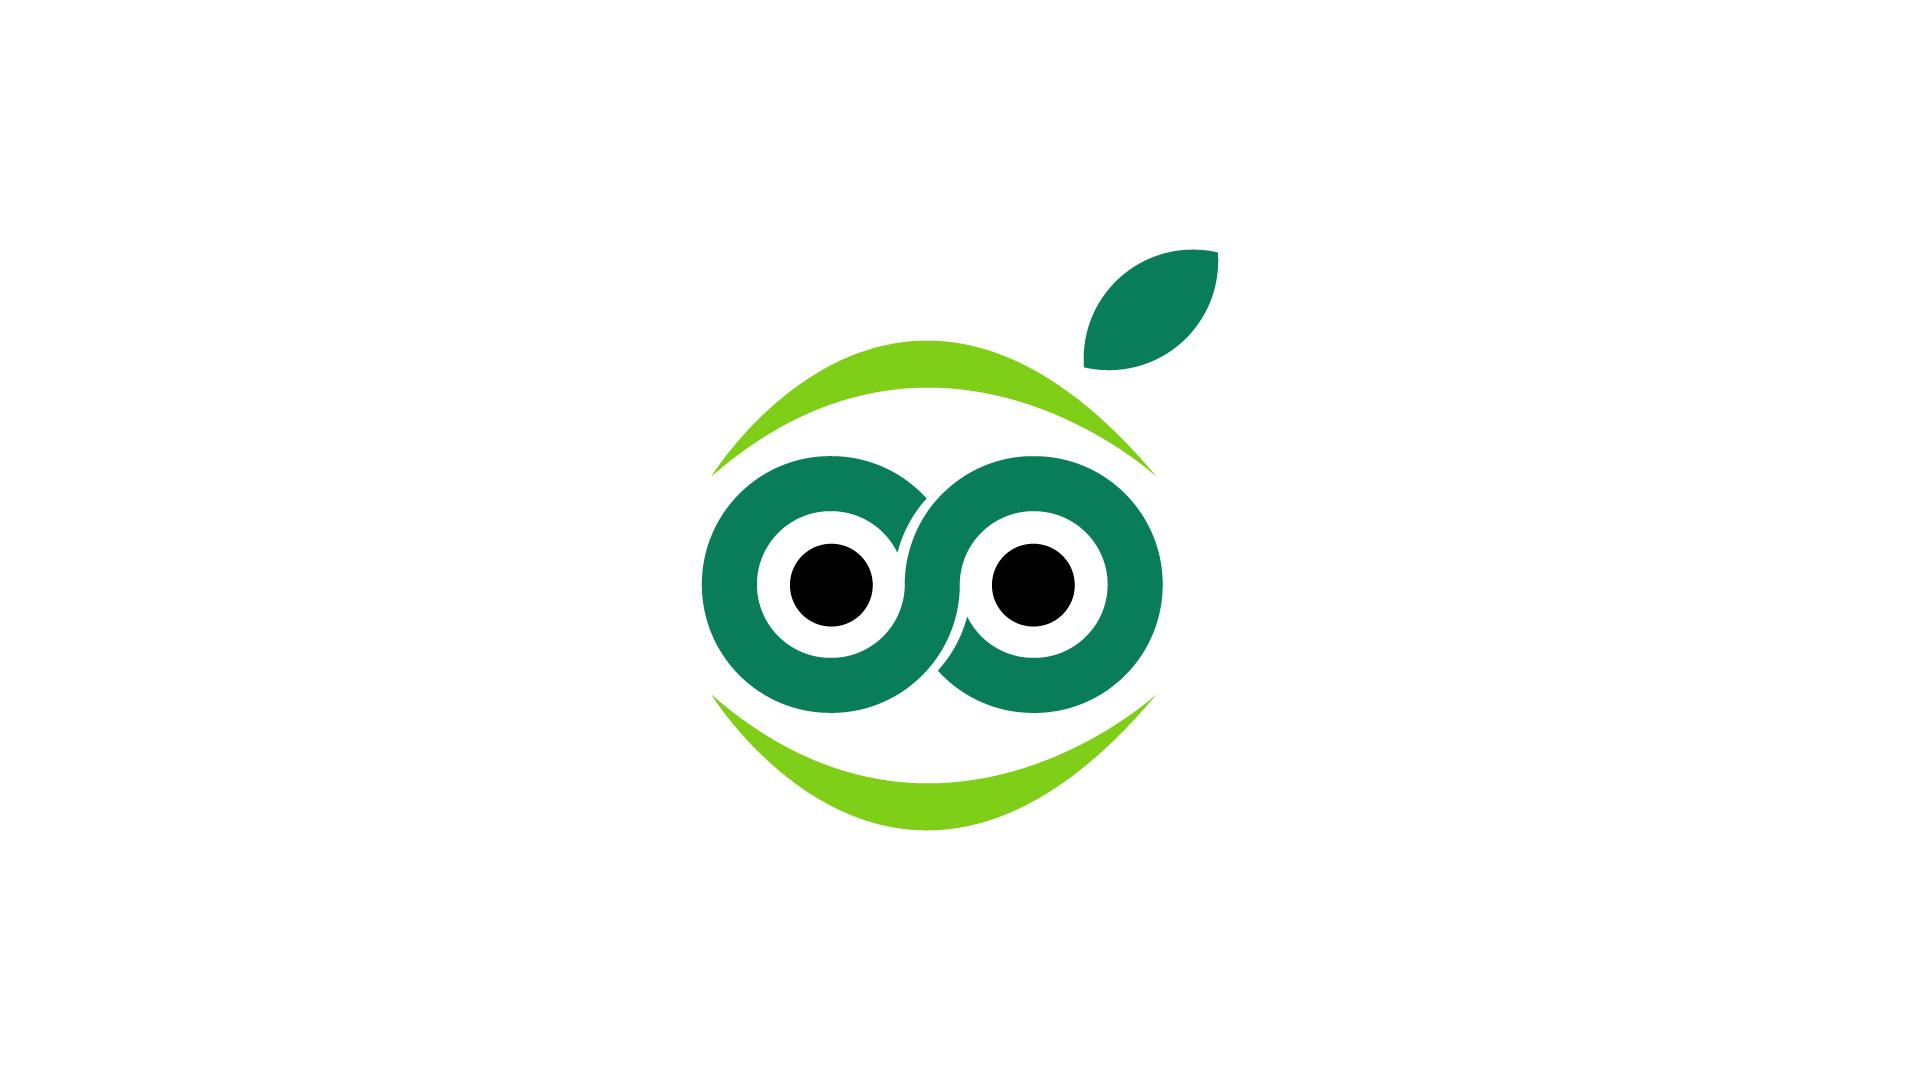 Логотип интернет-магазина здоровой еды фото f_2535cd4348c434ef.jpg